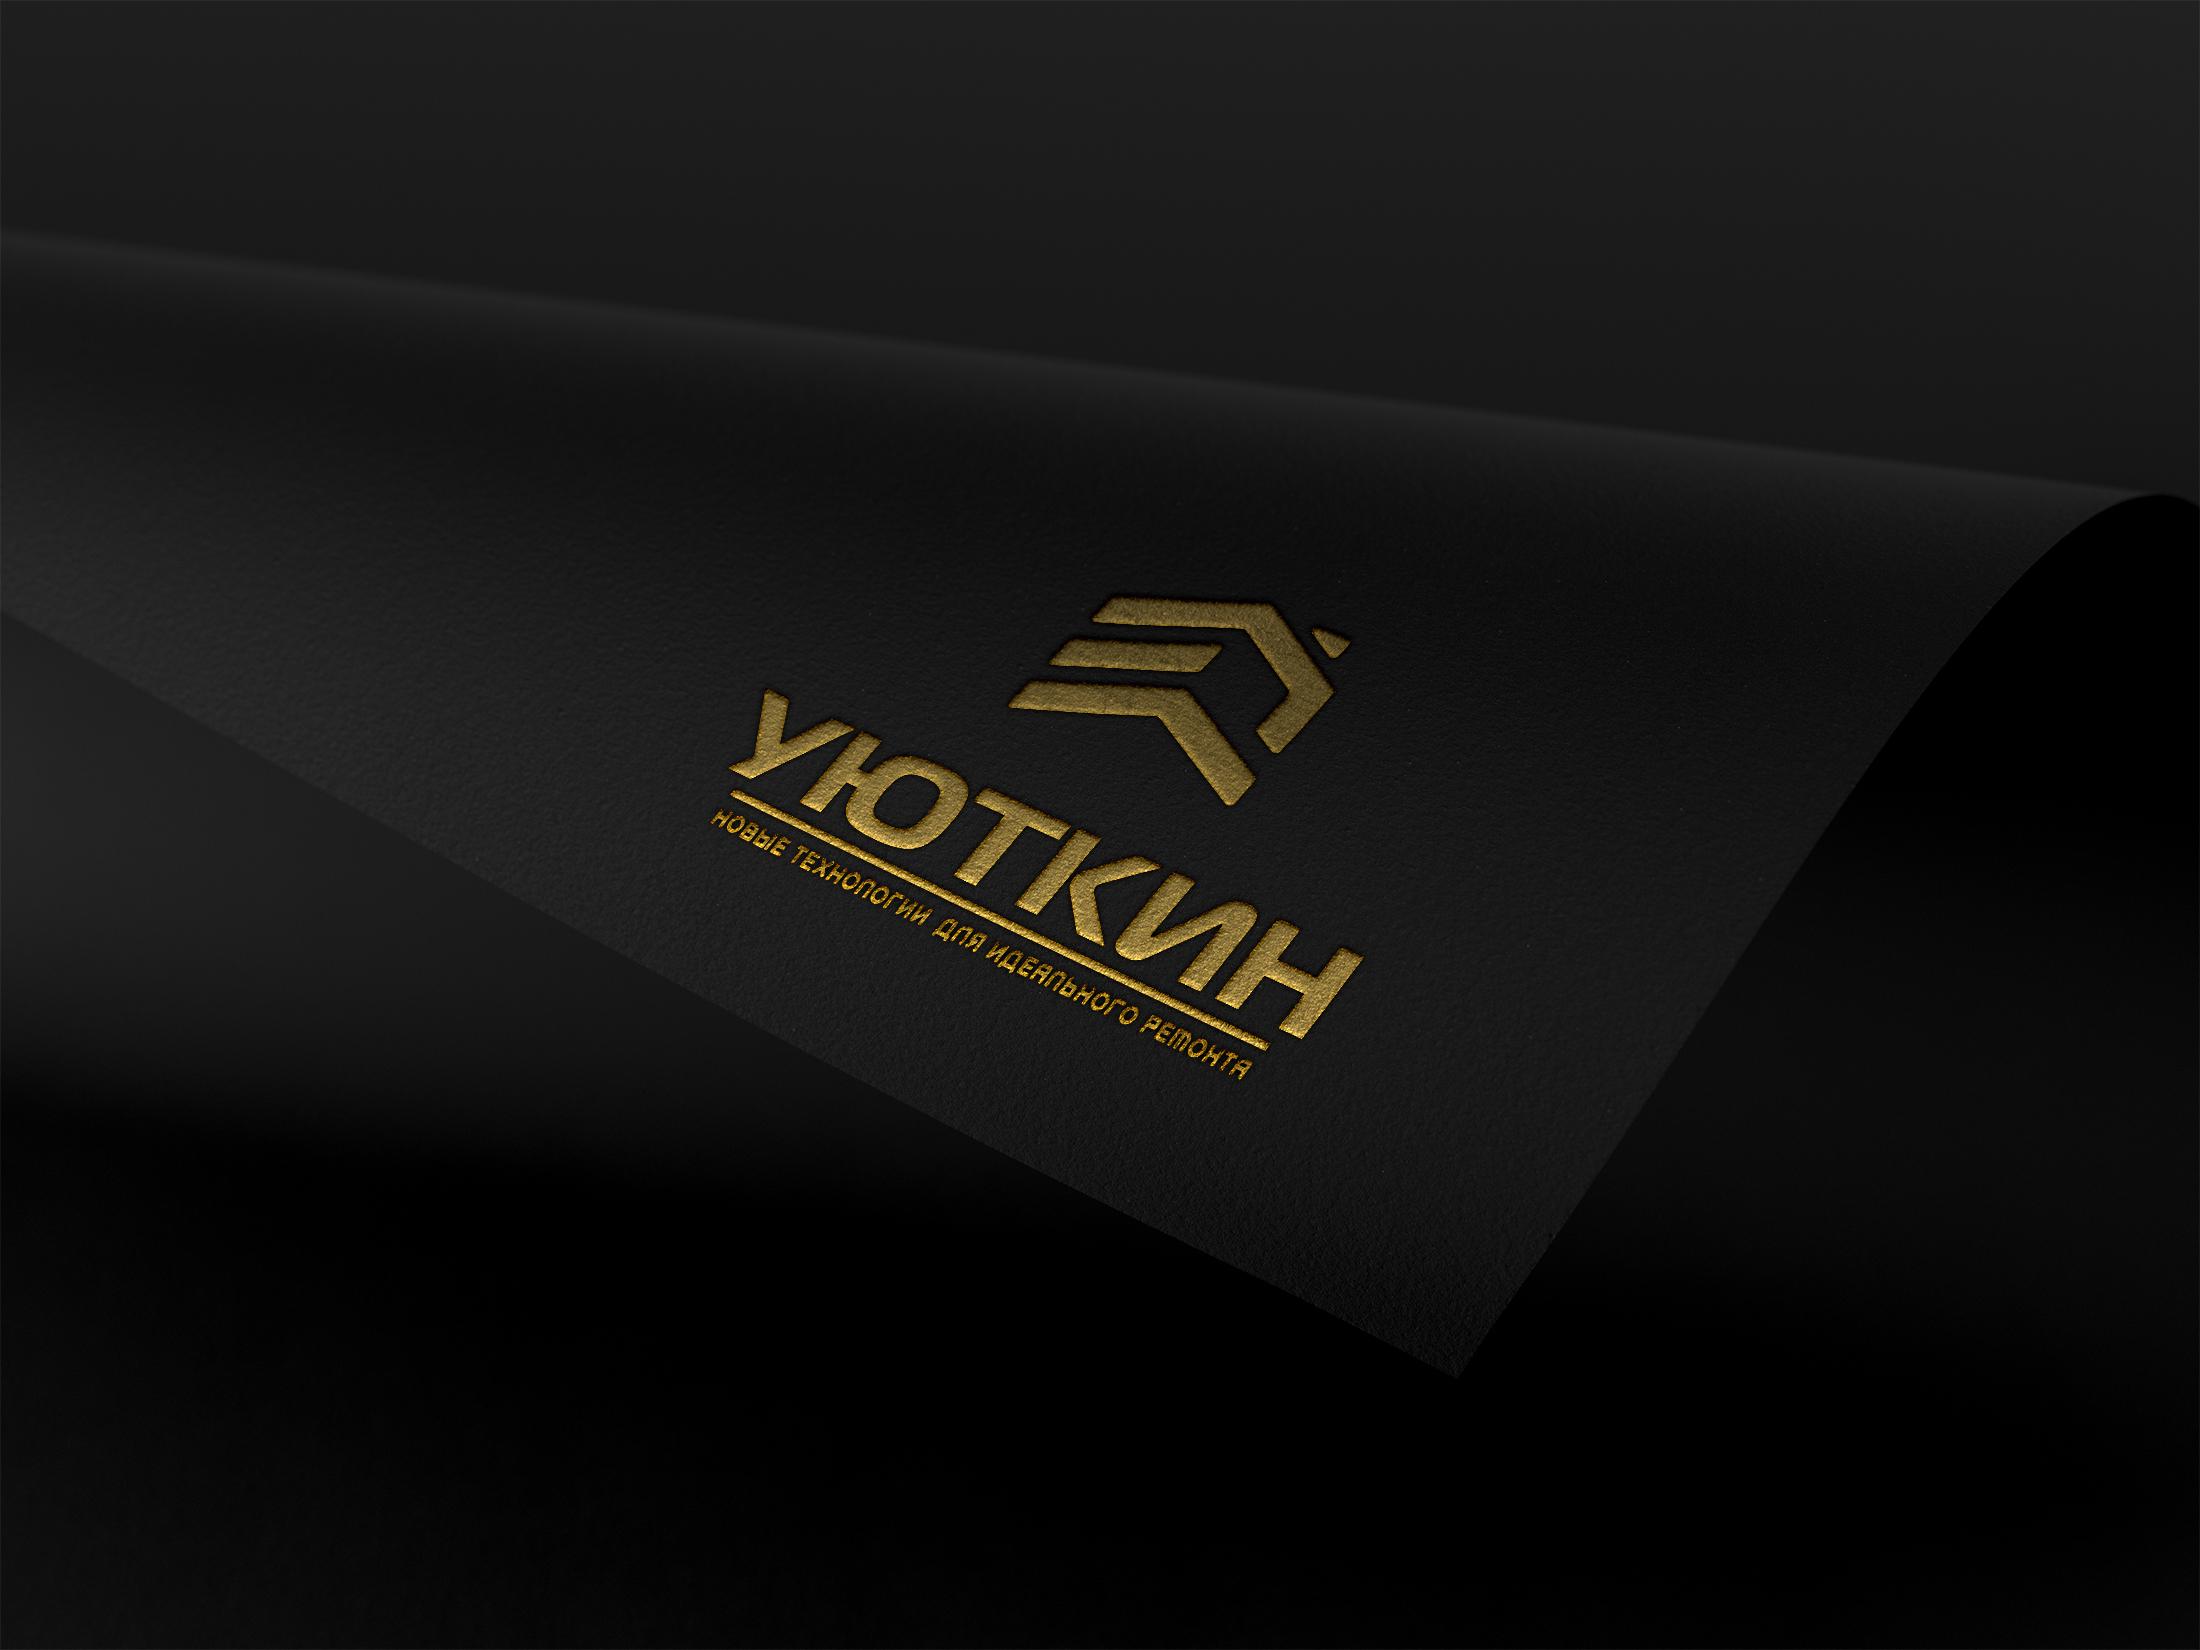 Создание логотипа и стиля сайта фото f_9525c647eb71ff9d.jpg